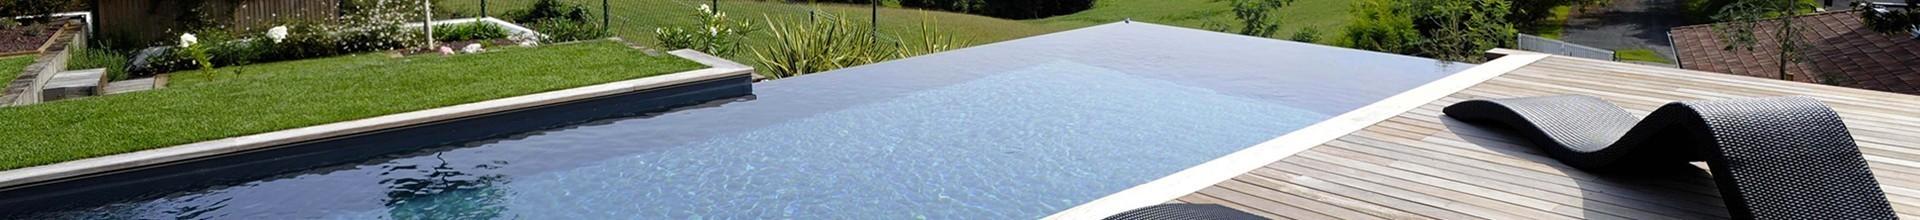 Projet piscine Hauts de France : votre projet coque polyester